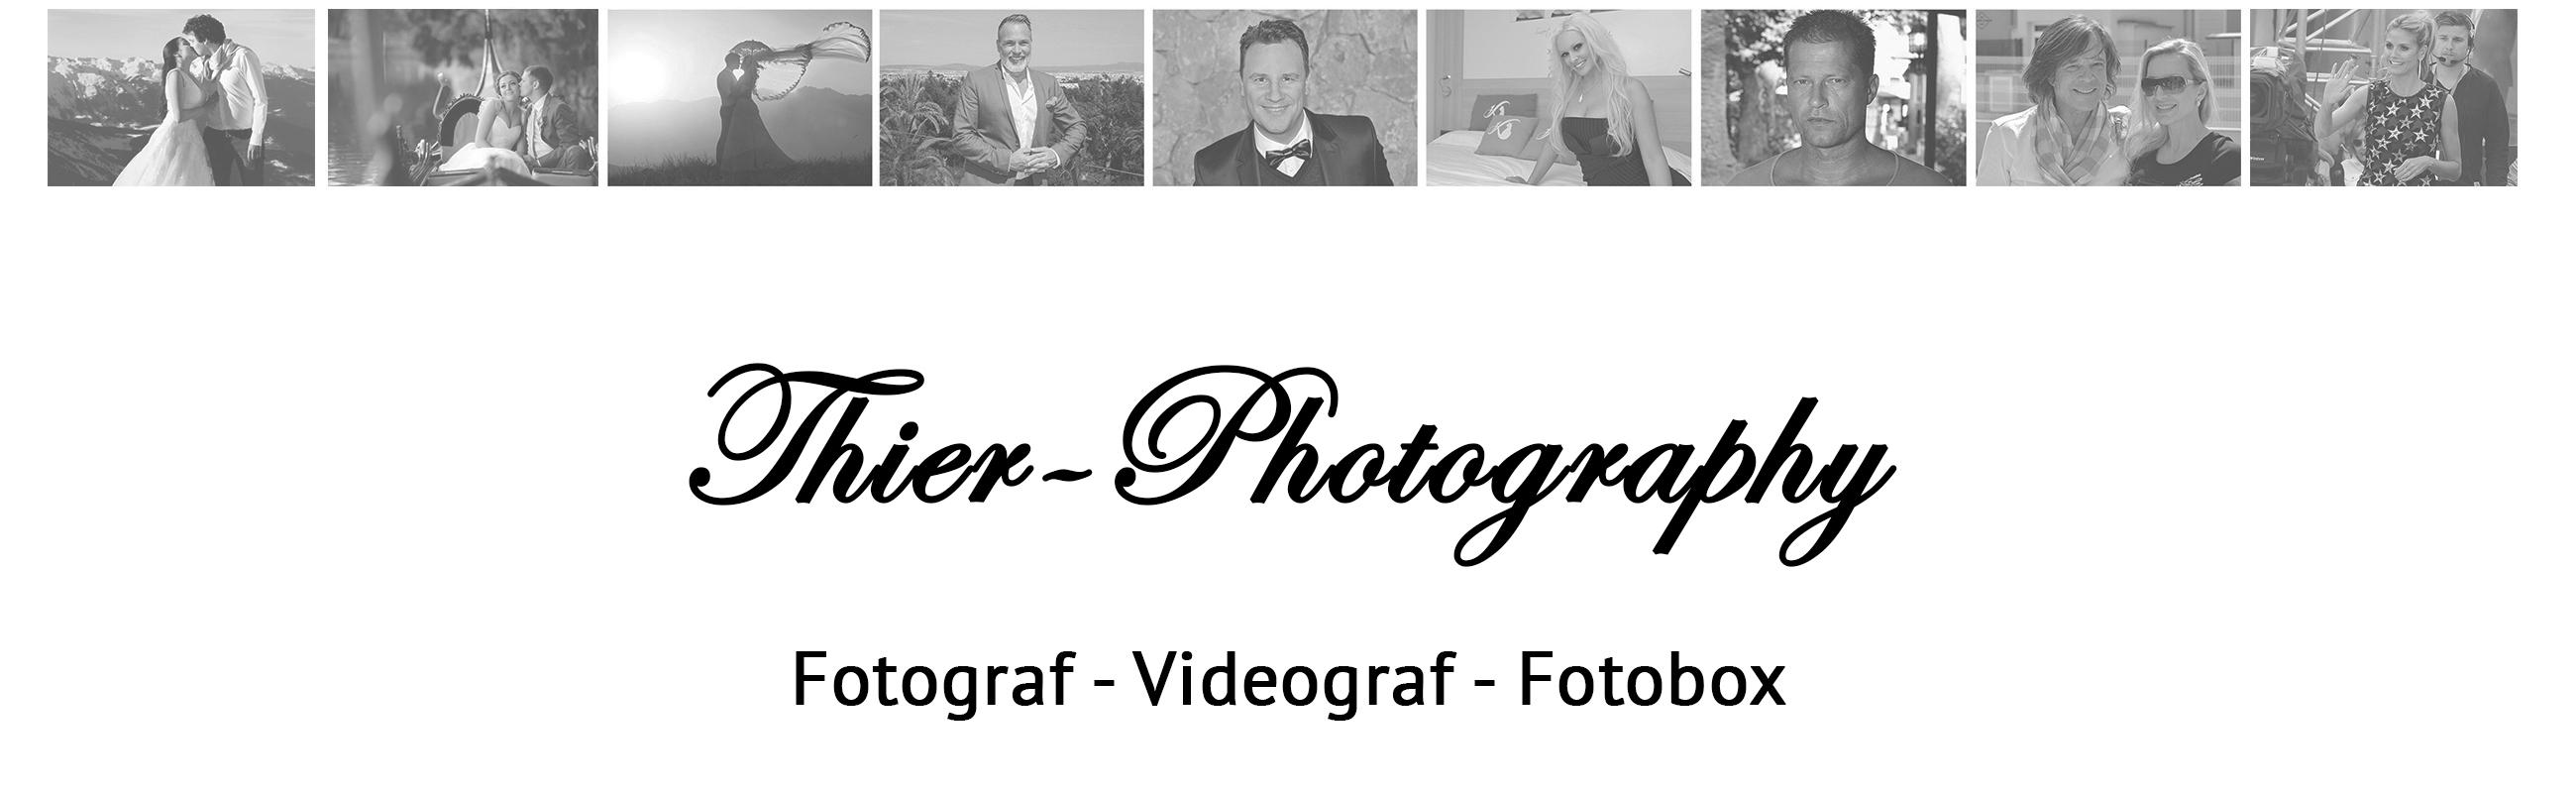 FOTOGRAF ZUGSPITZE GARMISCH PARTENKIRCHEN EIBSEE GRAINAU STAFFELSEE STARNBERGER SEE AMMERSEE HOCHZEITSFOTOGRAF